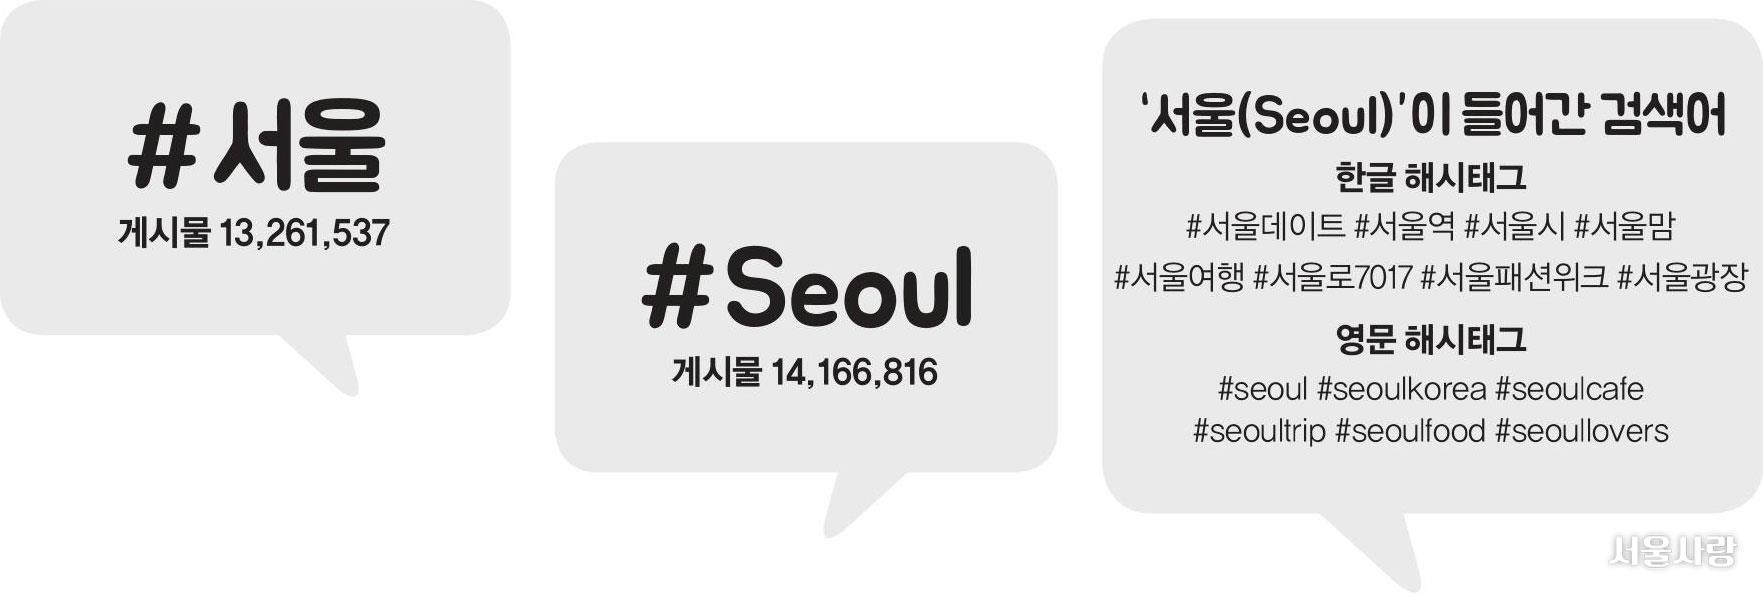 해시태그 서울